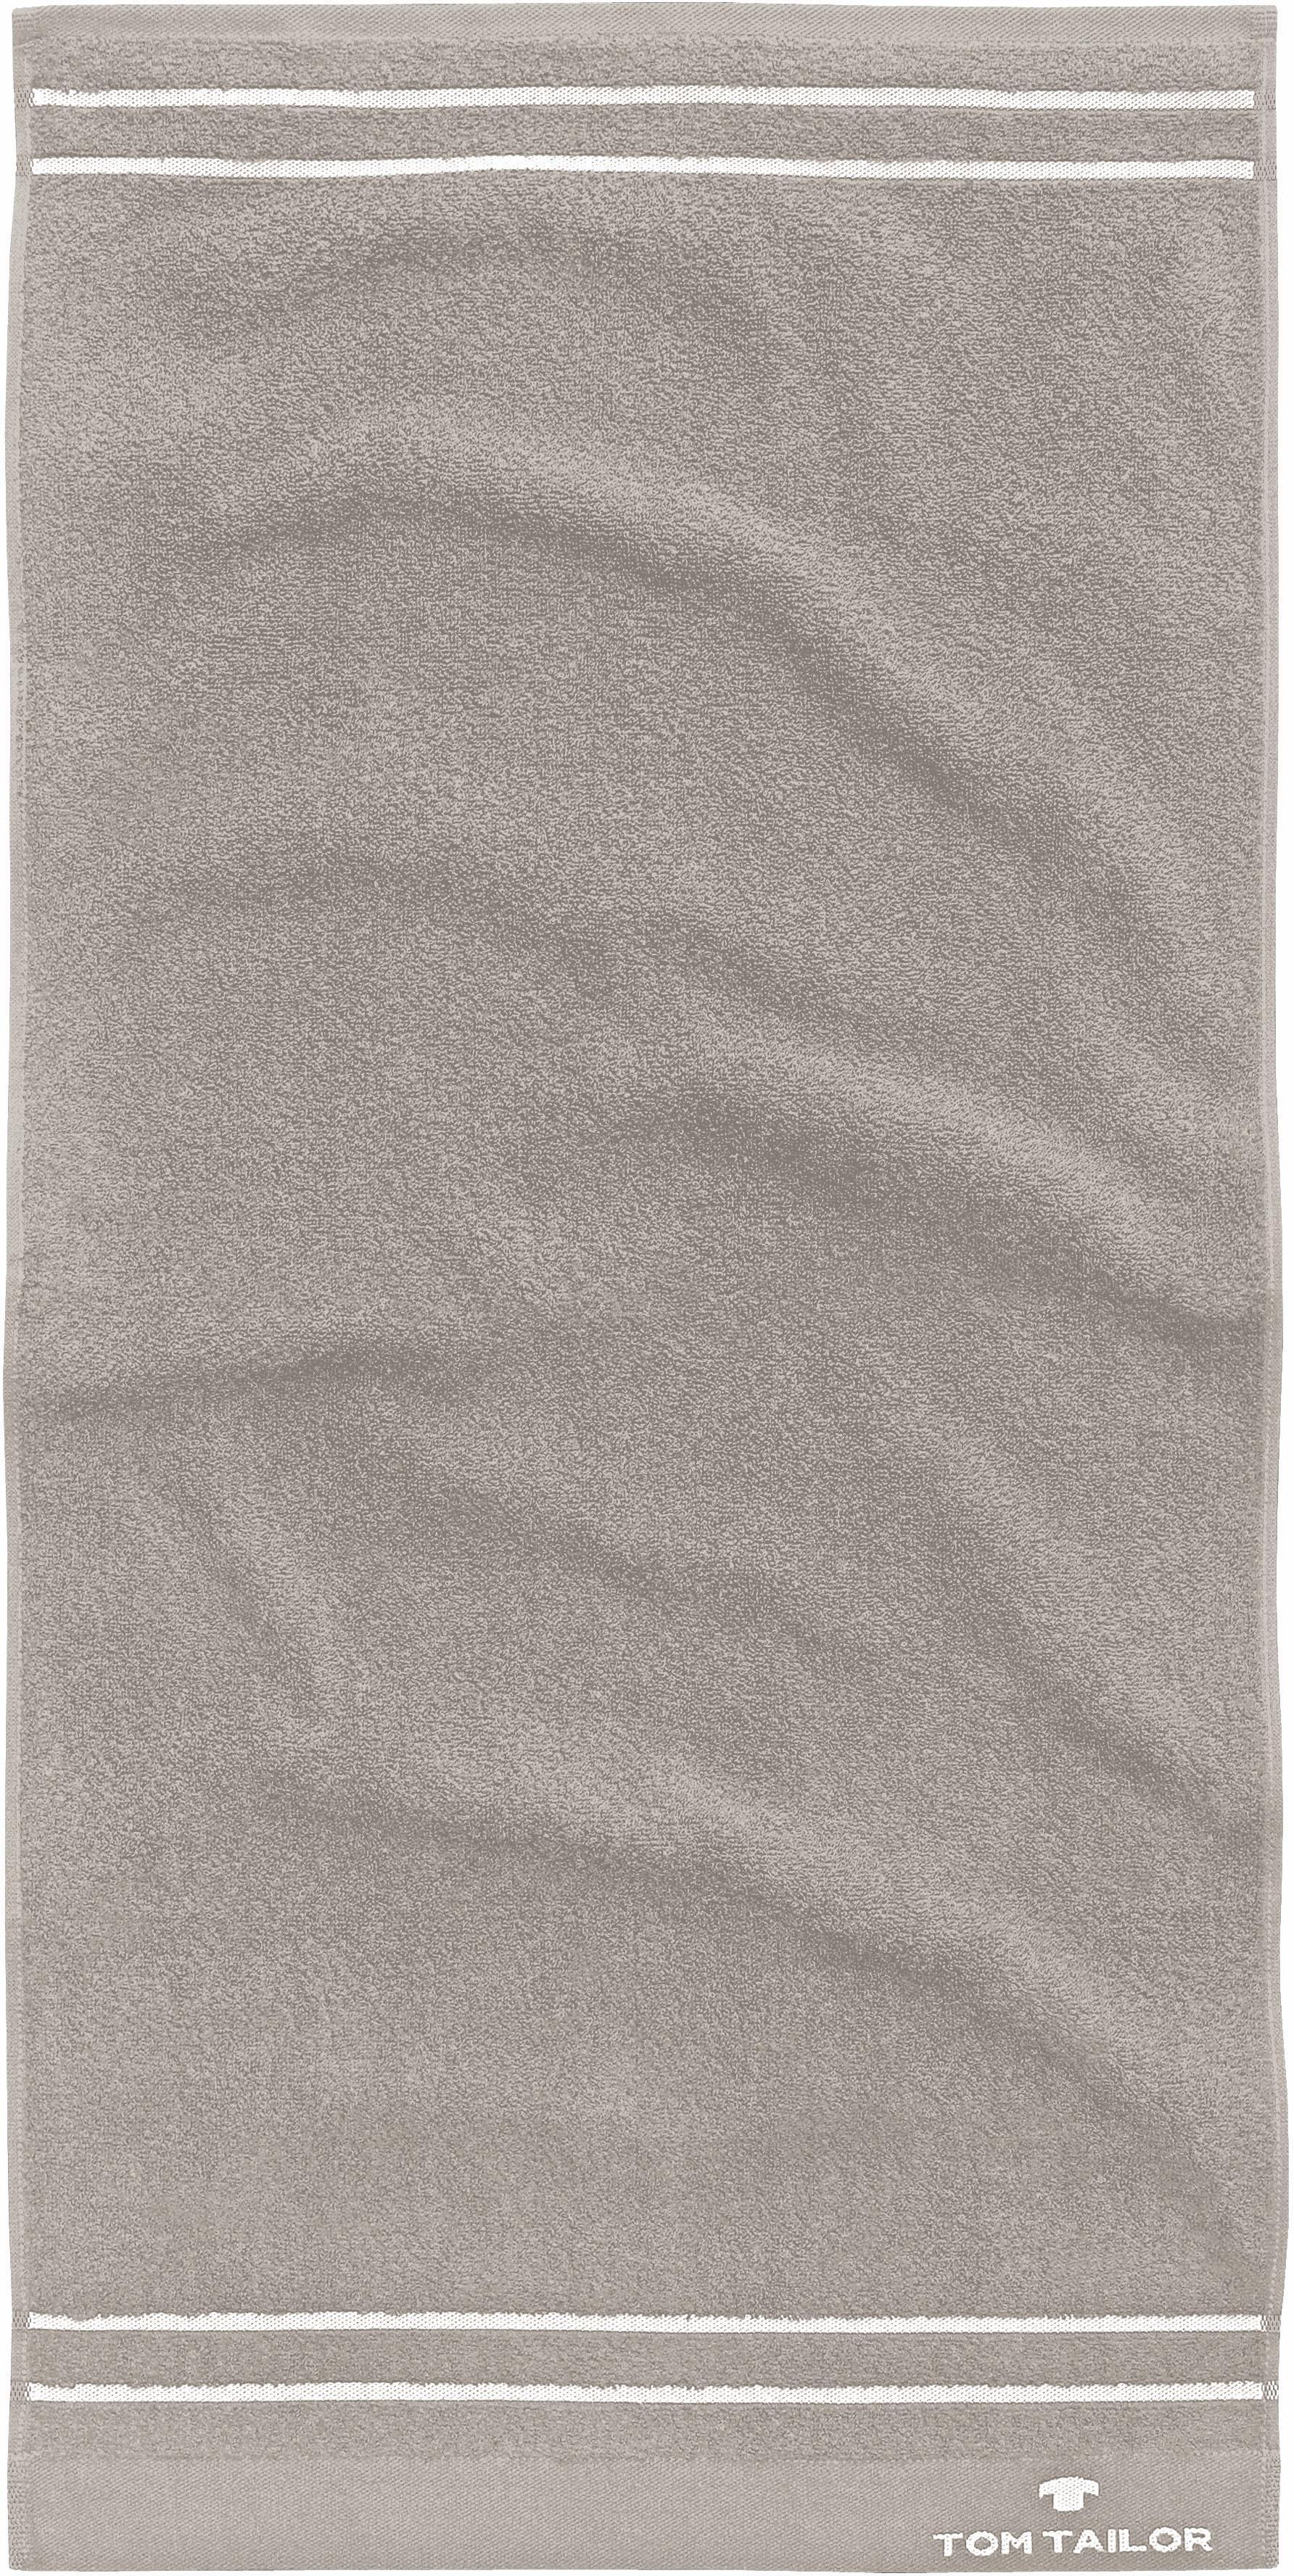 Handtücher Tom Tailor Uni Stripes mit Streifen ausgestattet